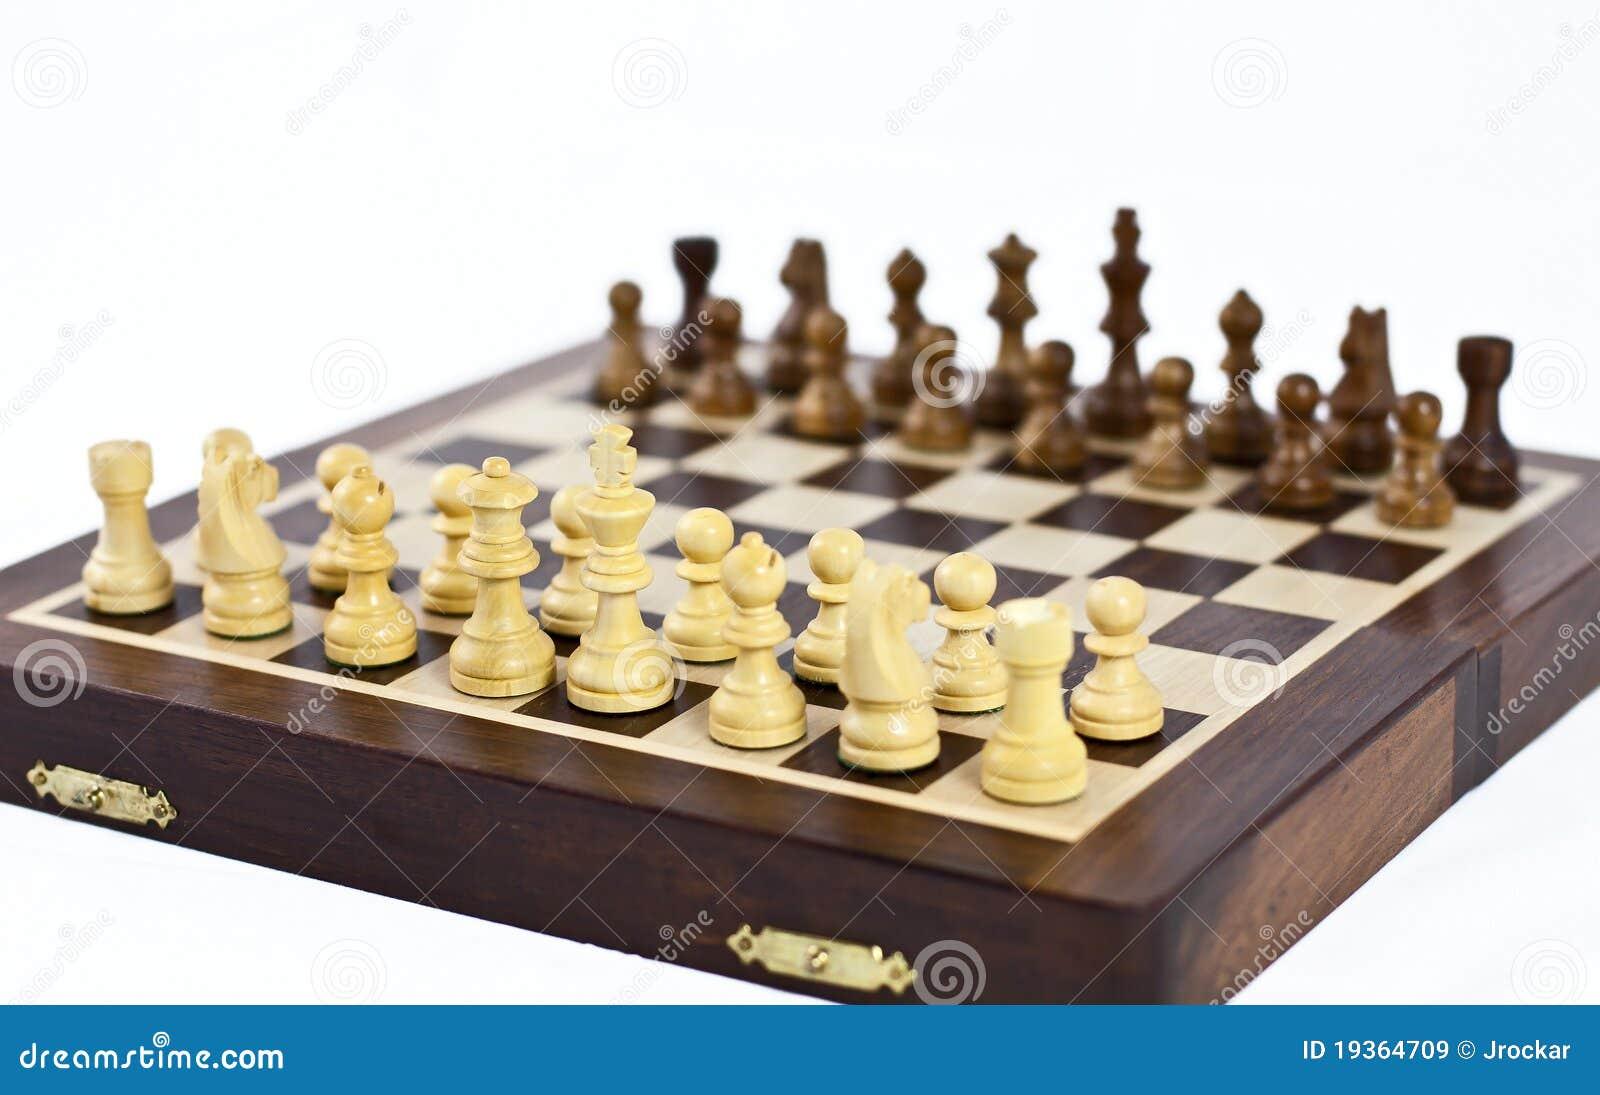 Setup o tabuleiro de xadrez